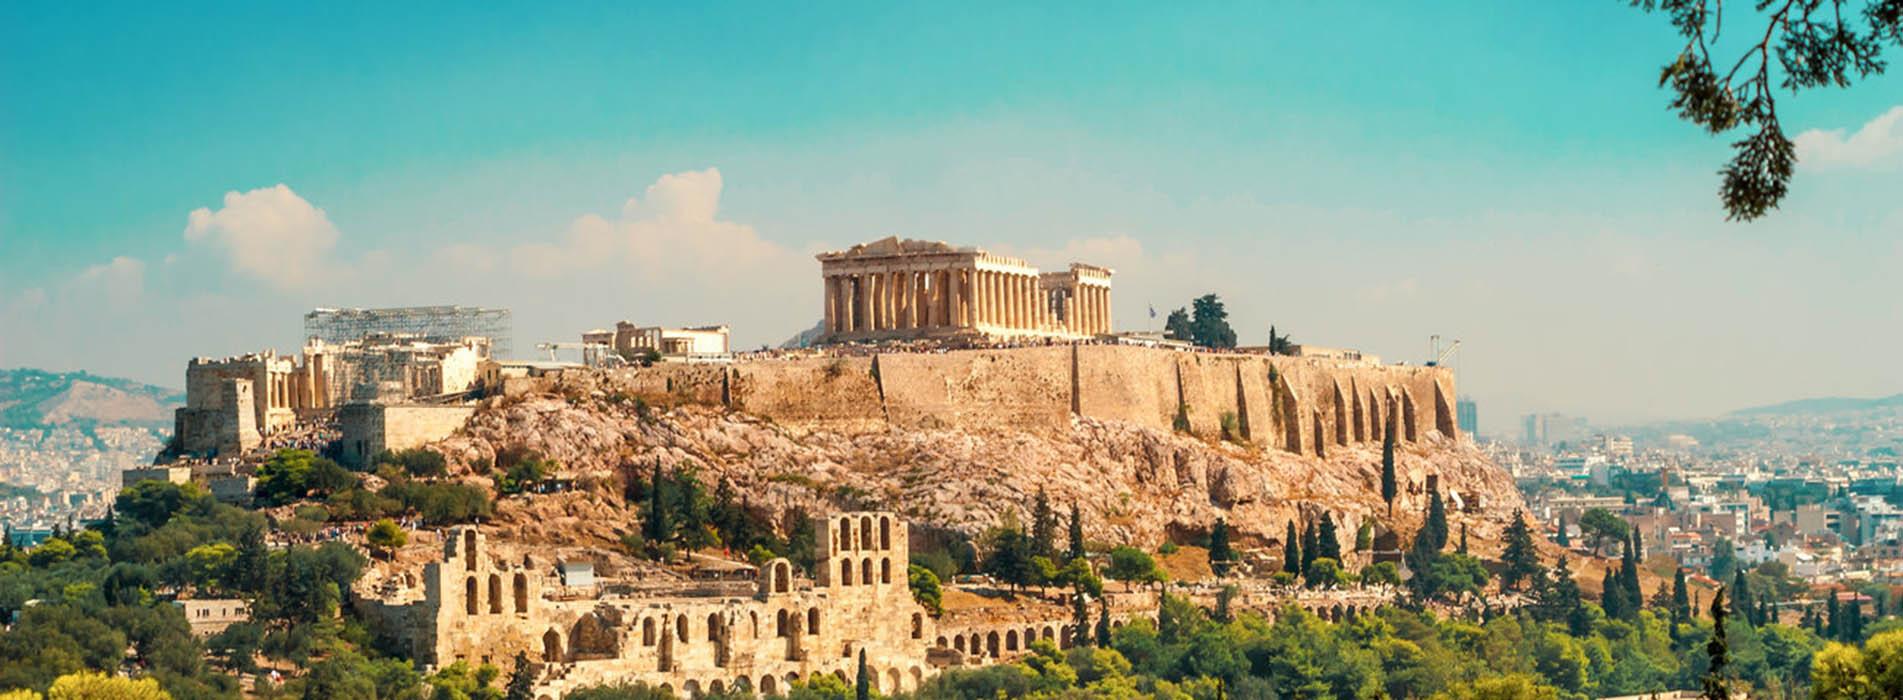 Greece - Athens 1 (main)